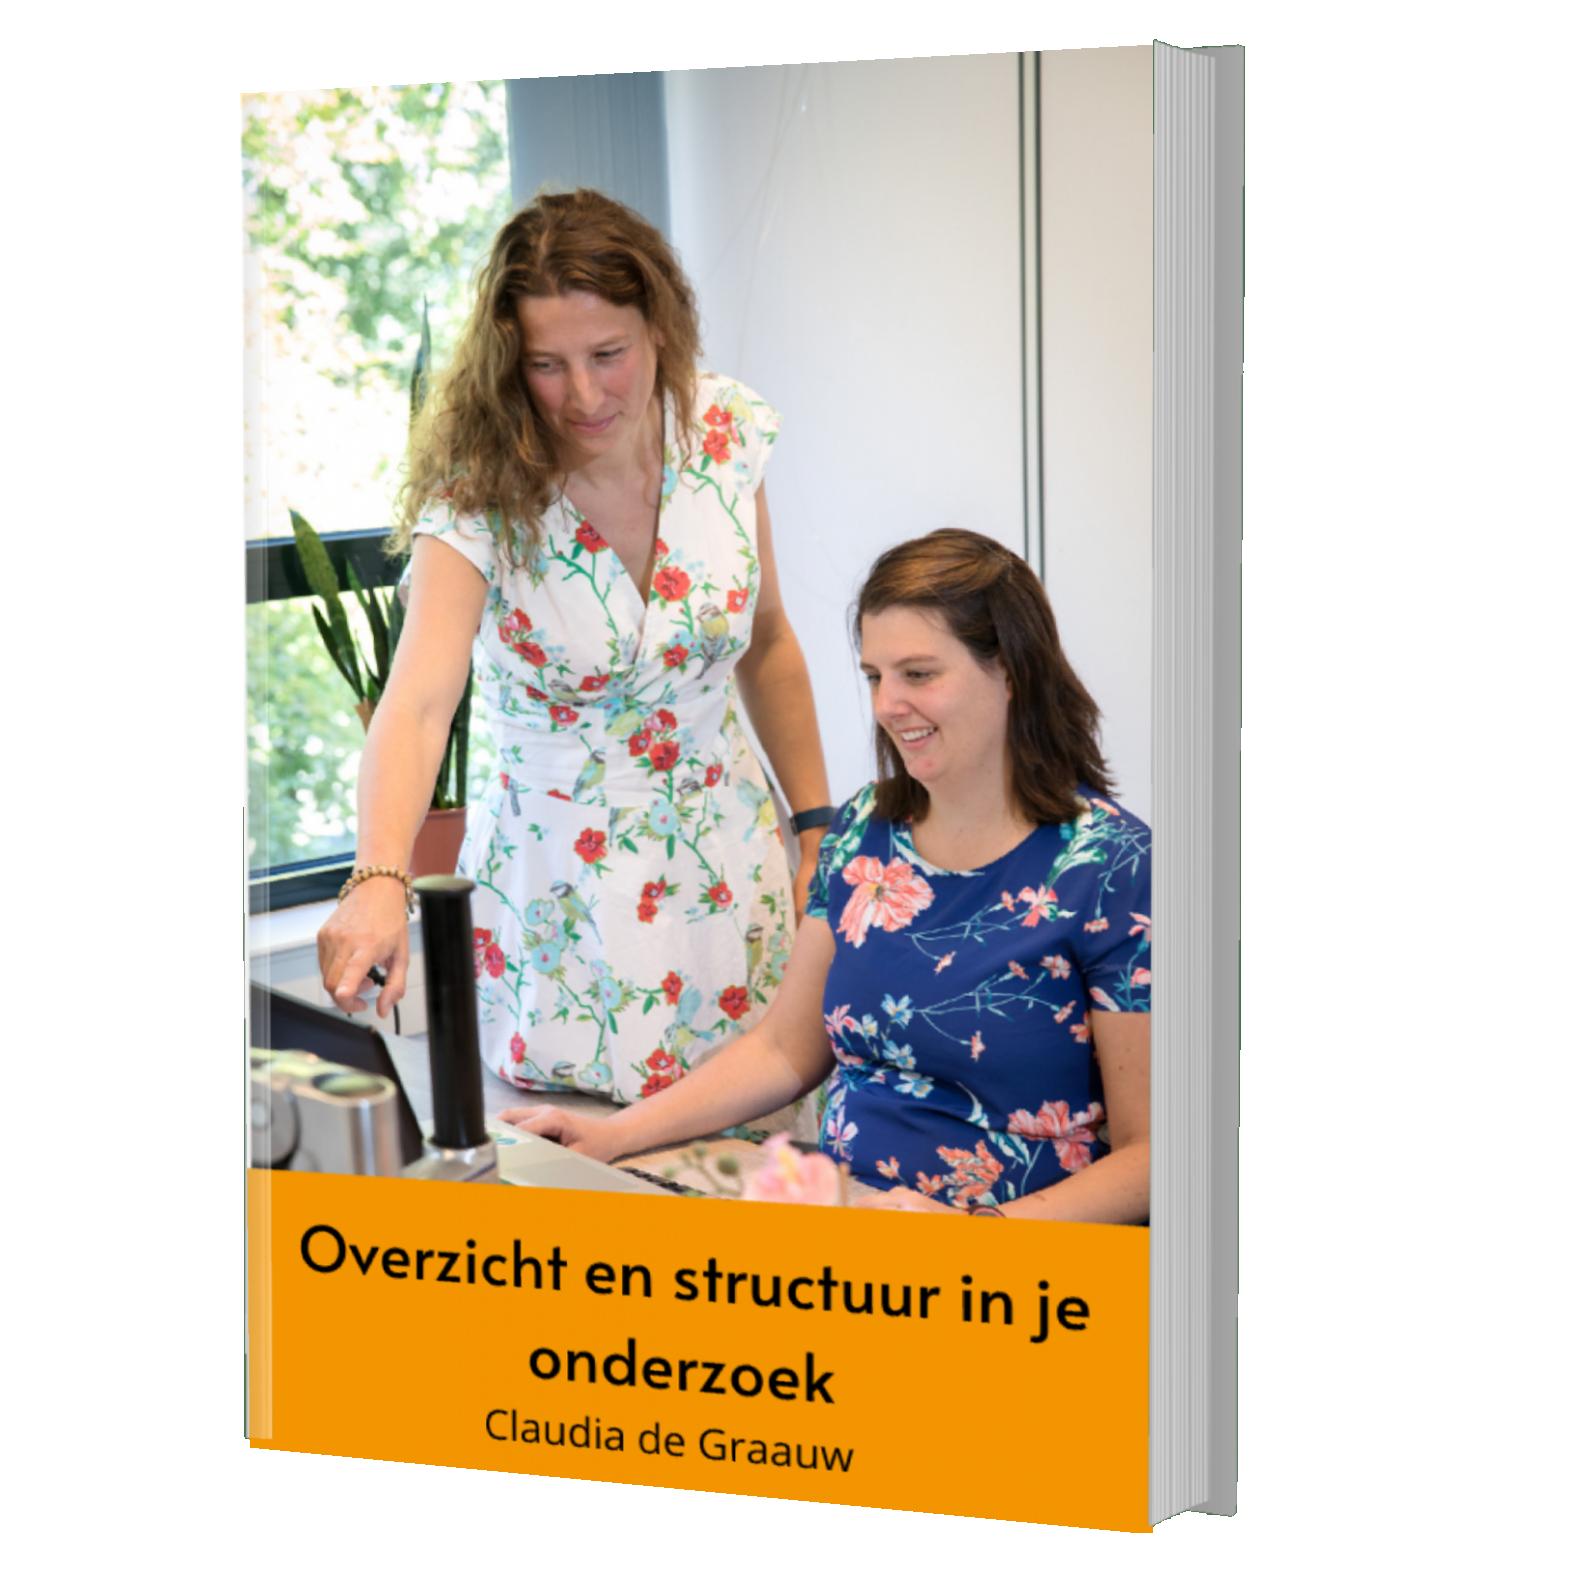 E-book-Overzicht-en-structuur-in-je-onderzoek